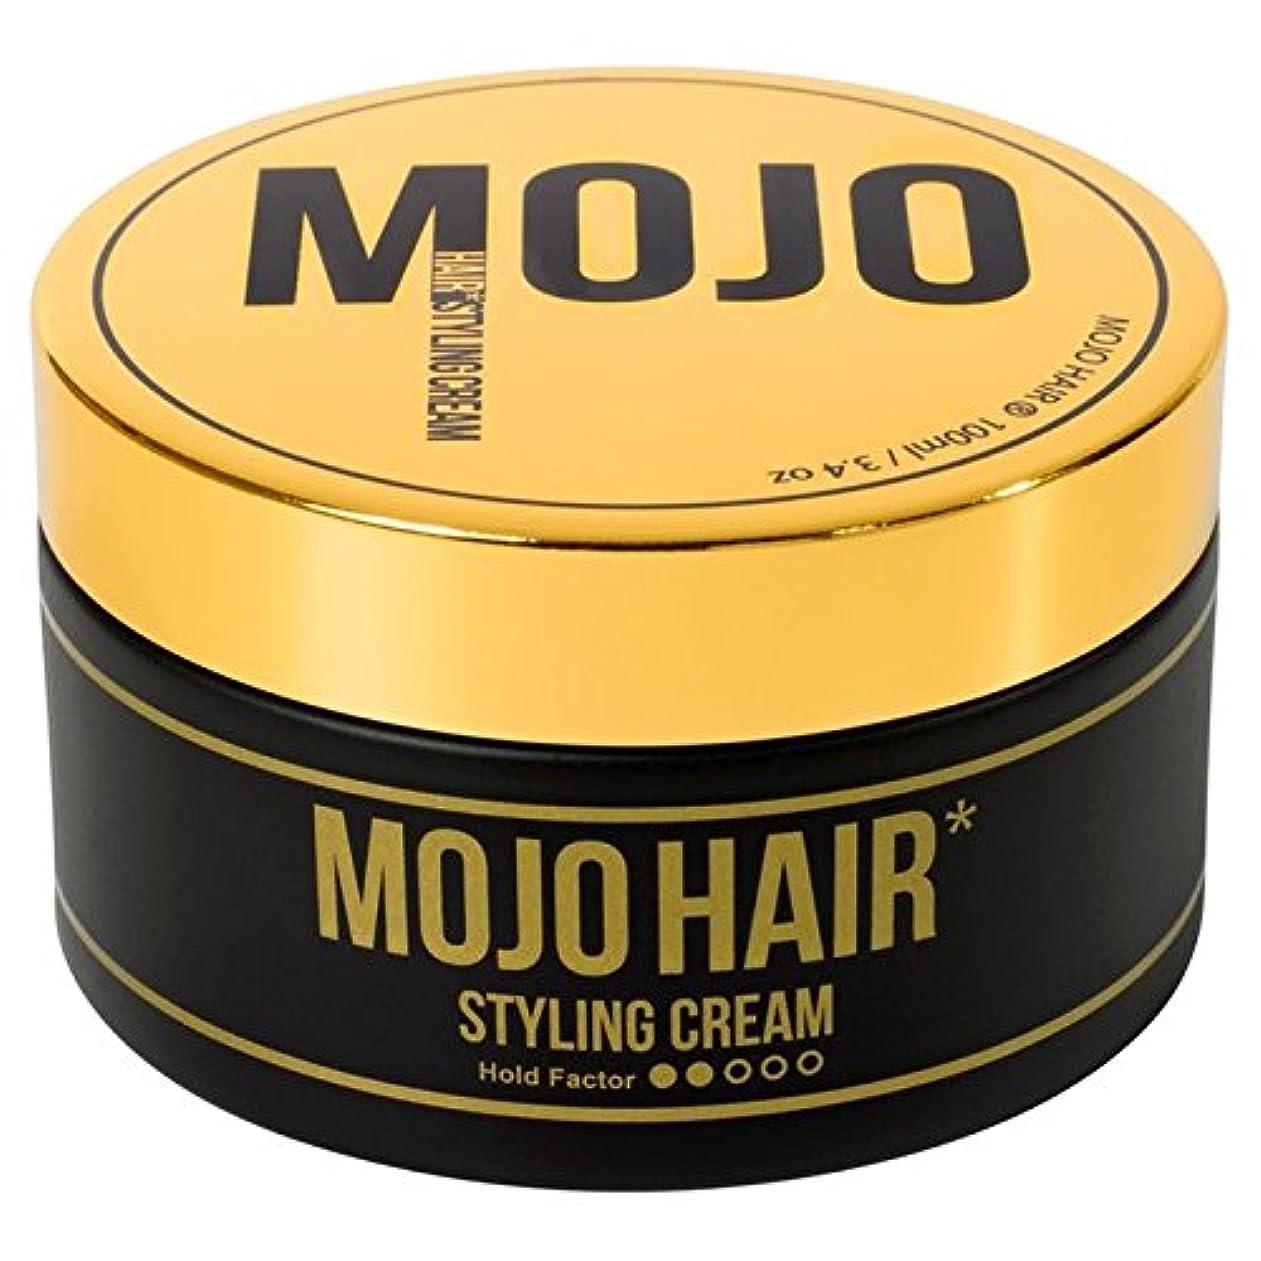 かもめ傾向がありますビデオ100ミリリットル男性のためのモジョのヘアスタイリングクリーム x4 - MOJO HAIR Styling Cream for Men 100ml (Pack of 4) [並行輸入品]